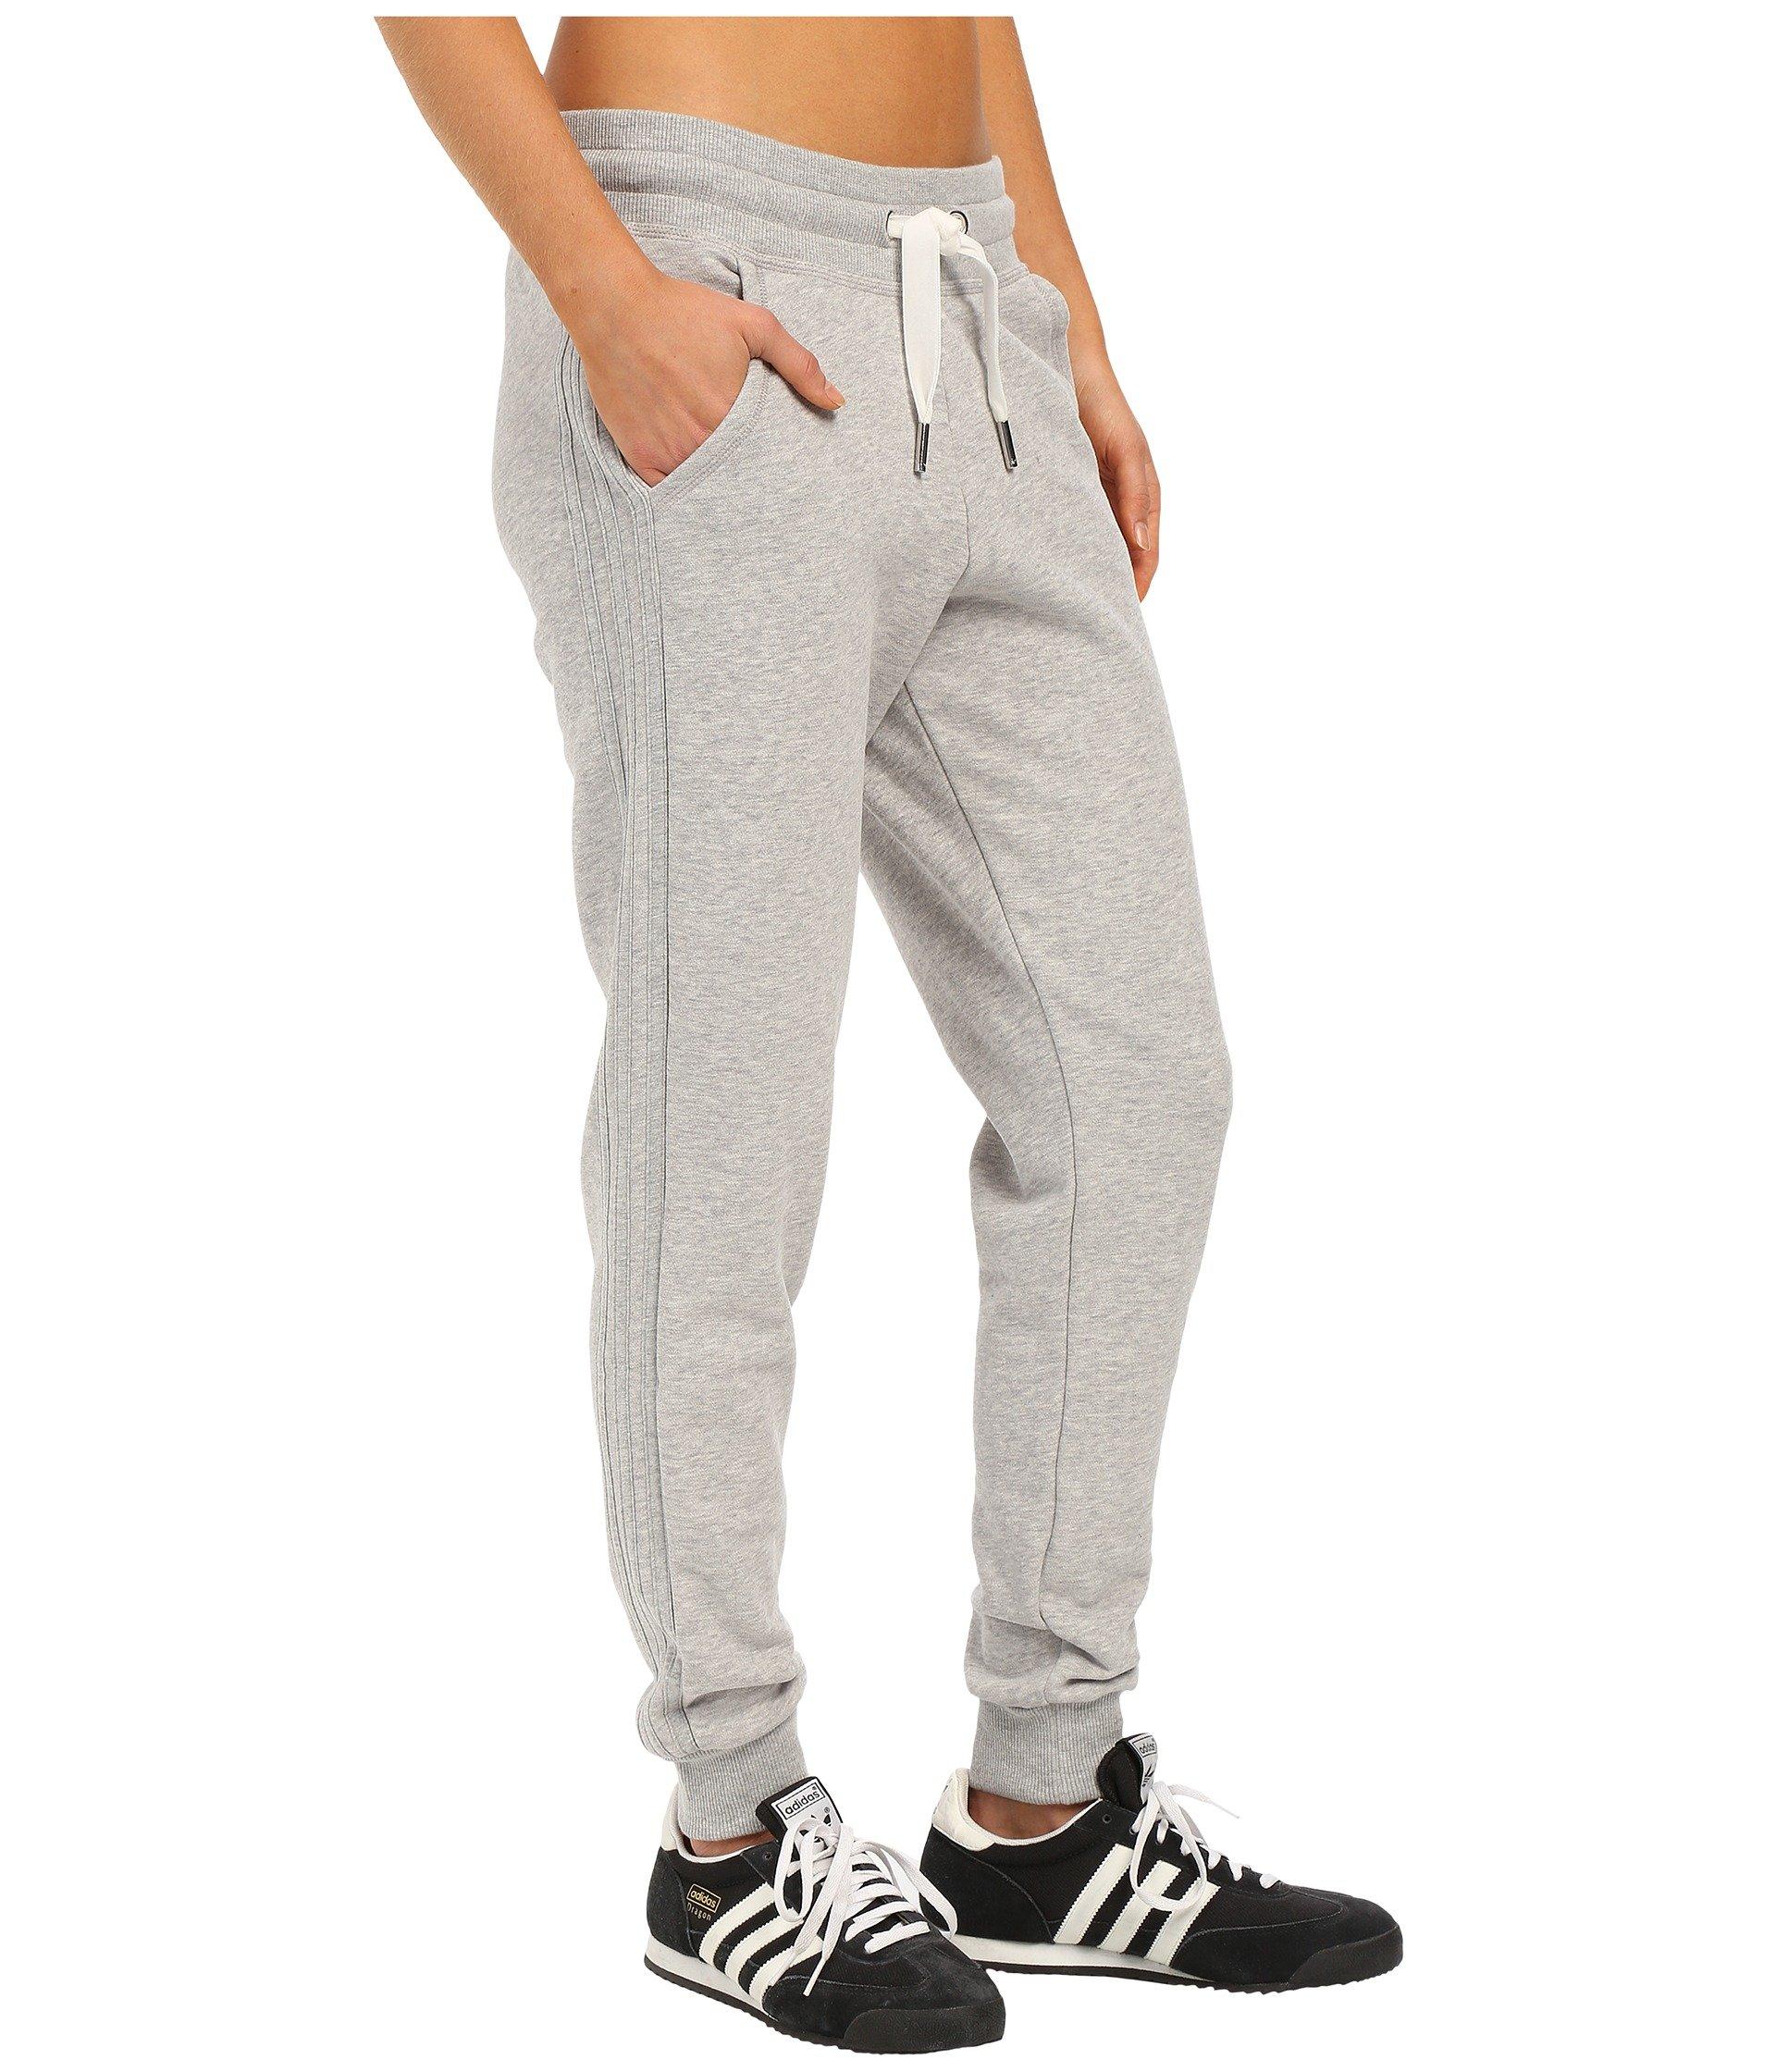 a03756f4520b Men's Gray Slim Cuffed Track Pants